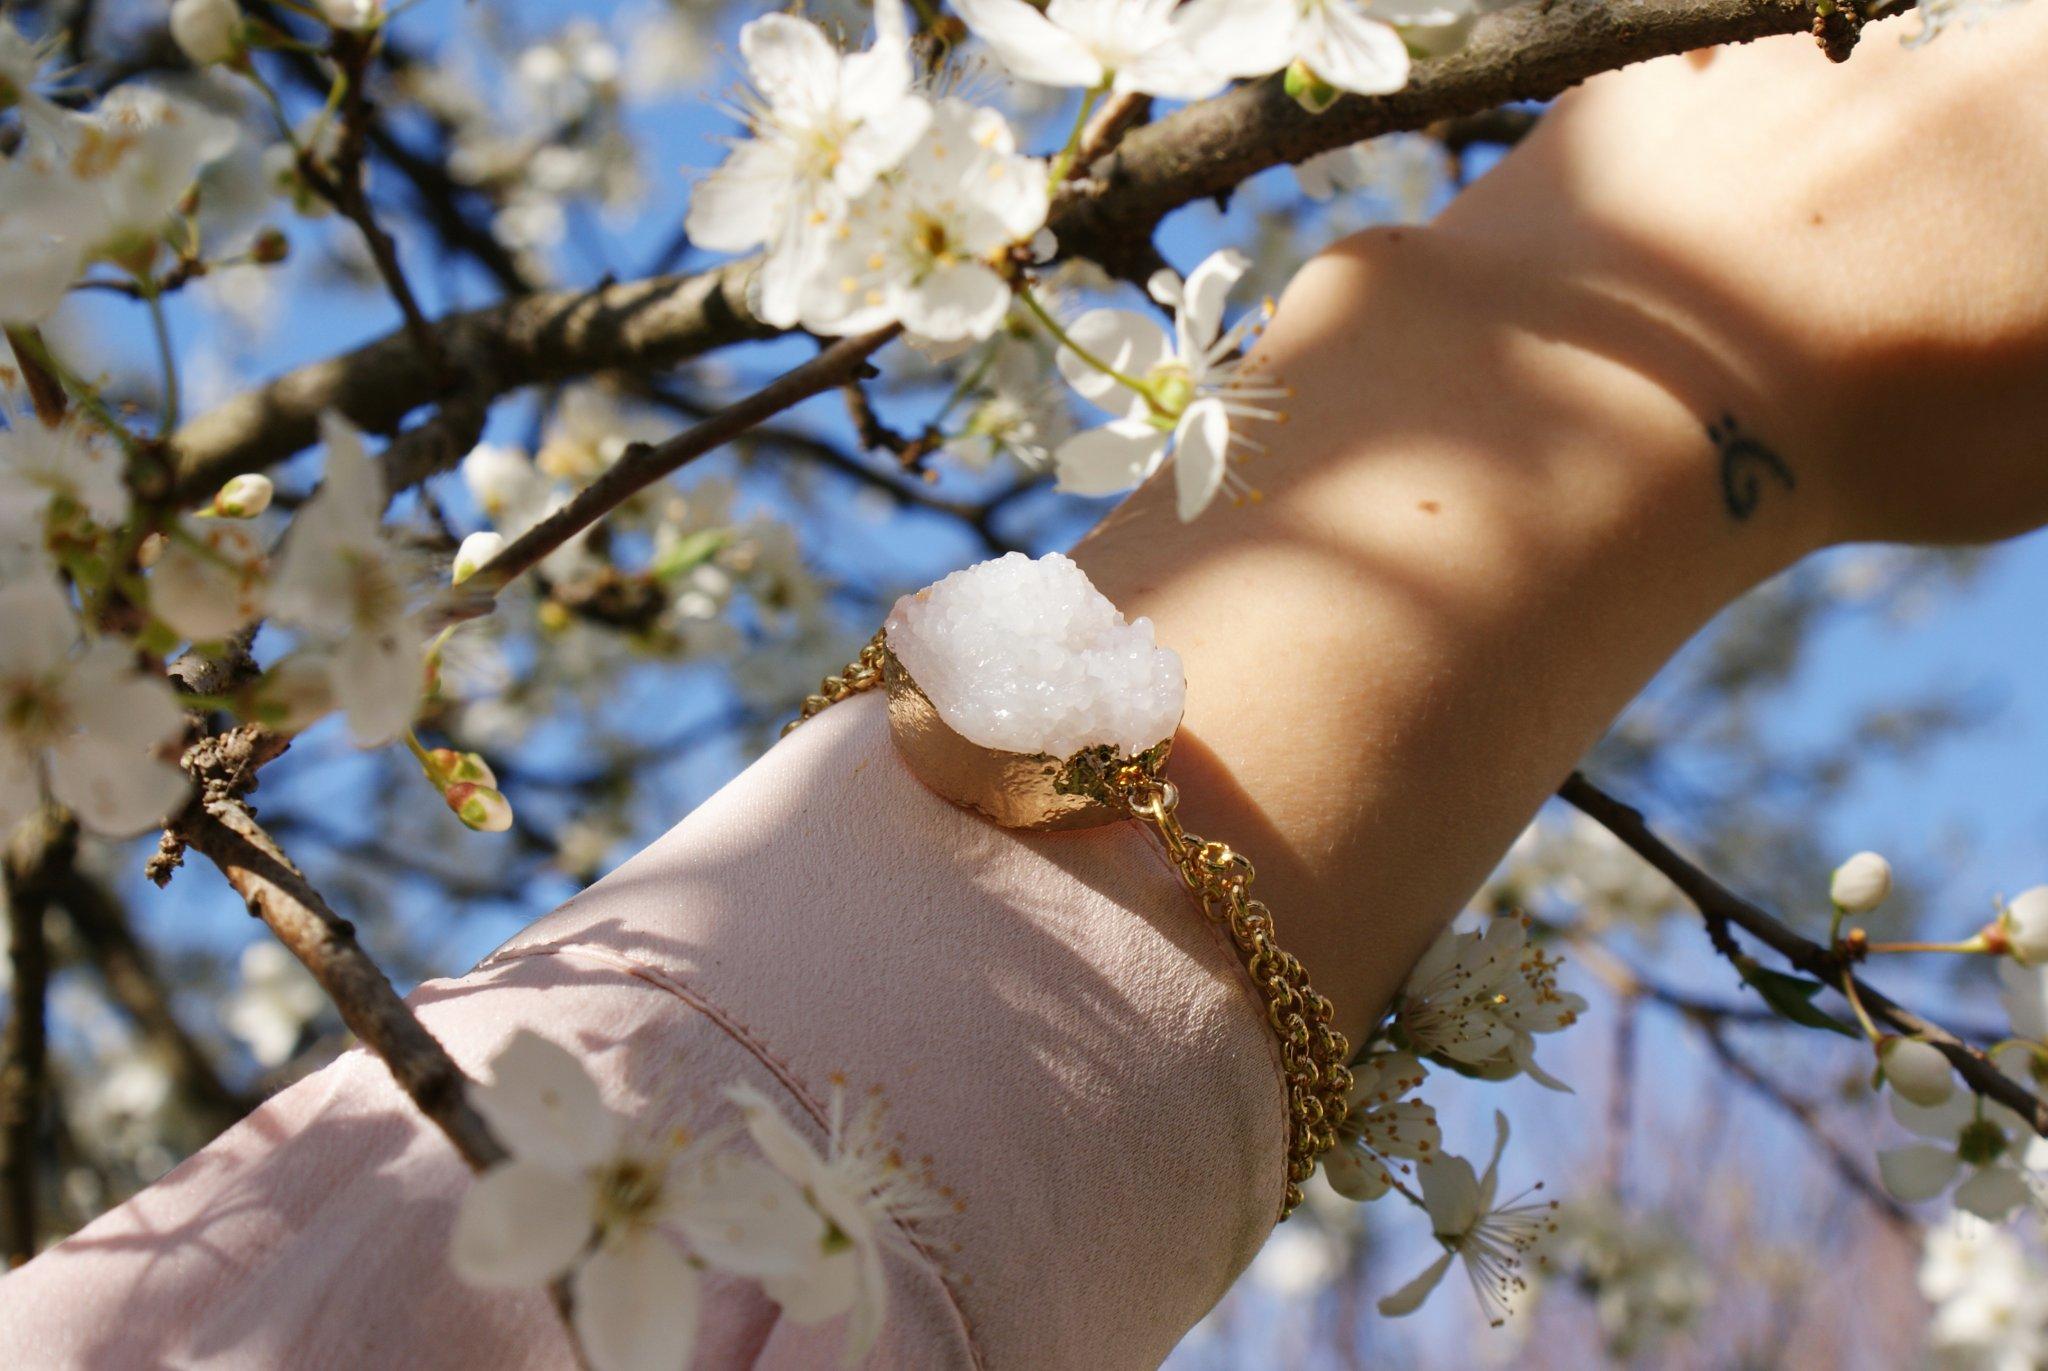 diy quartz stone bracelet accessories tutorial